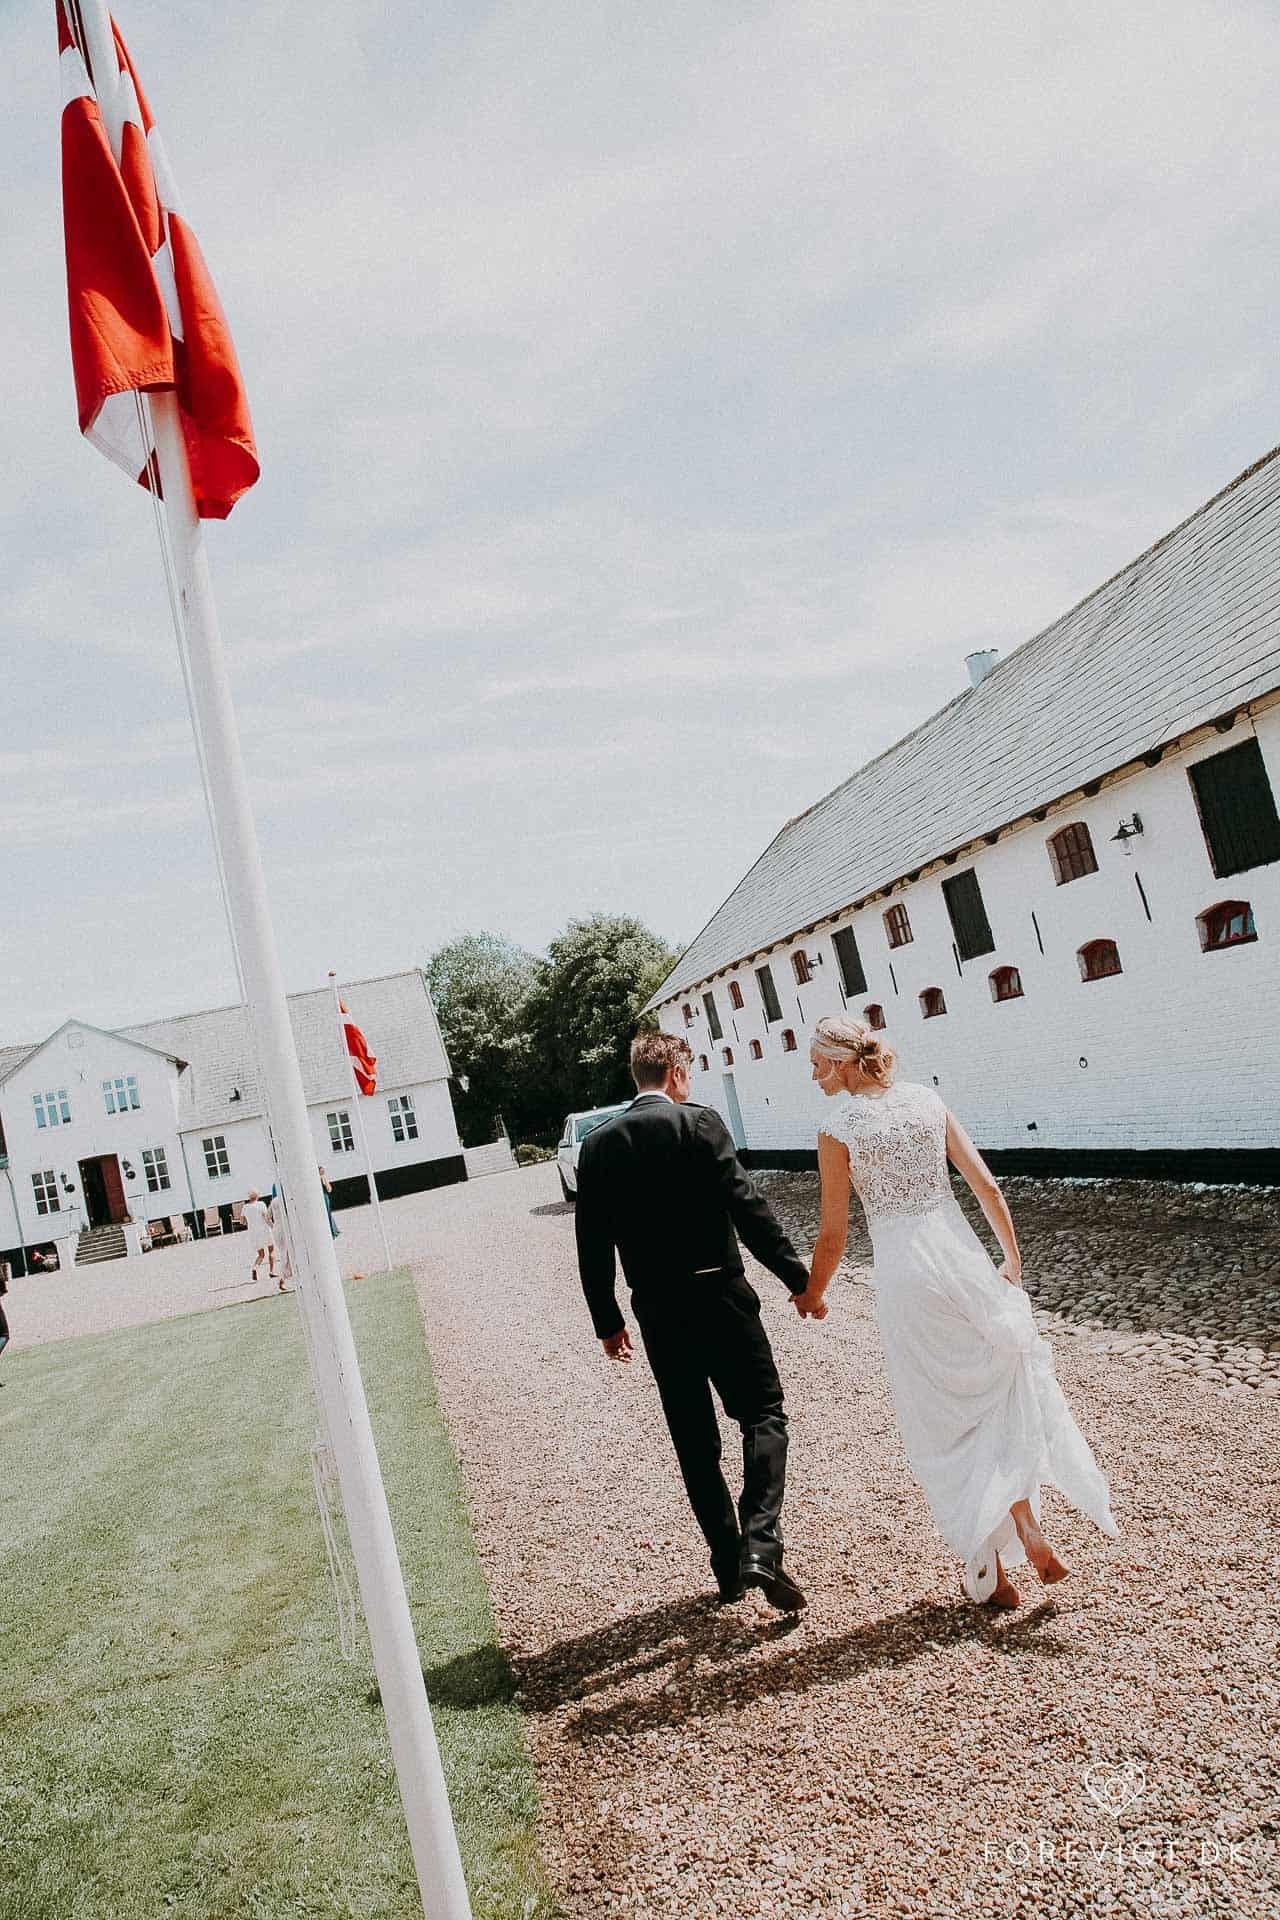 Brylluppet er livets fest.